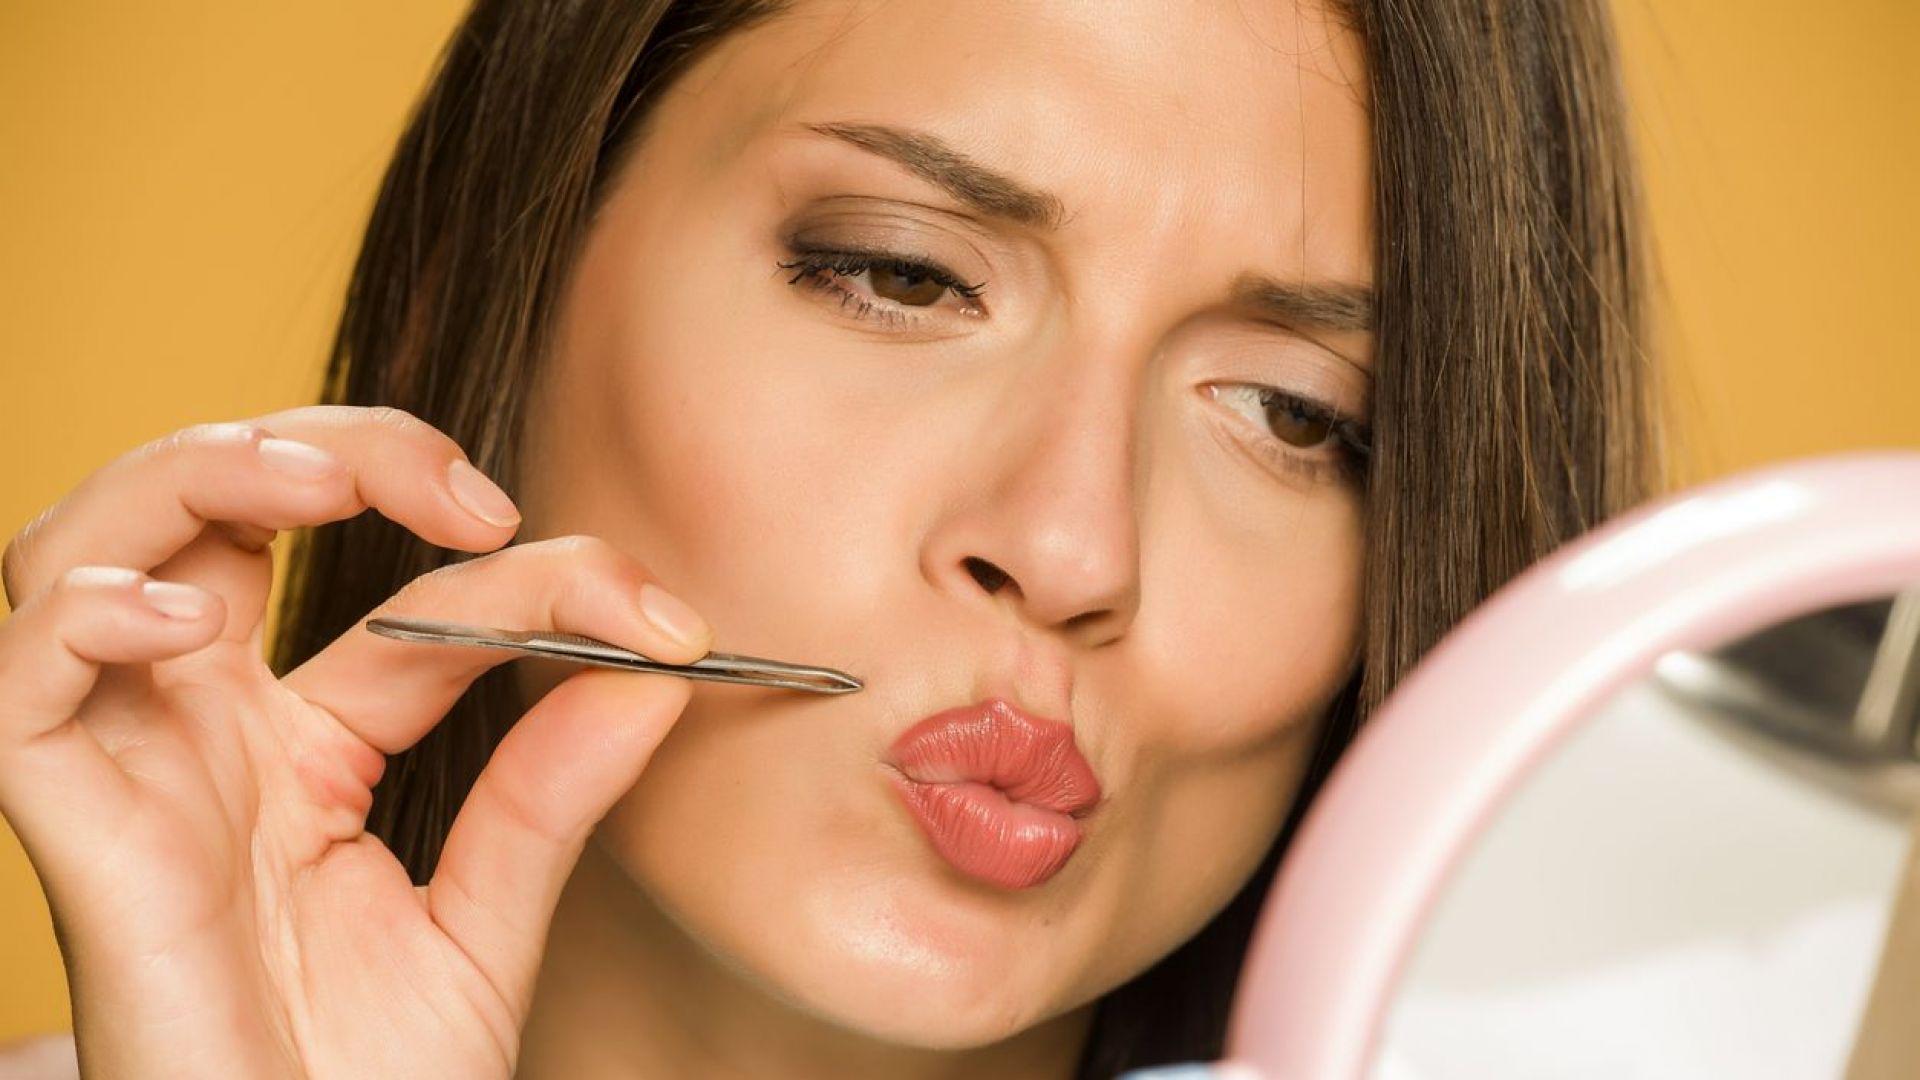 5 лесни и ефикасни начина да се отървем от лицевото окосмяване в домашни условия